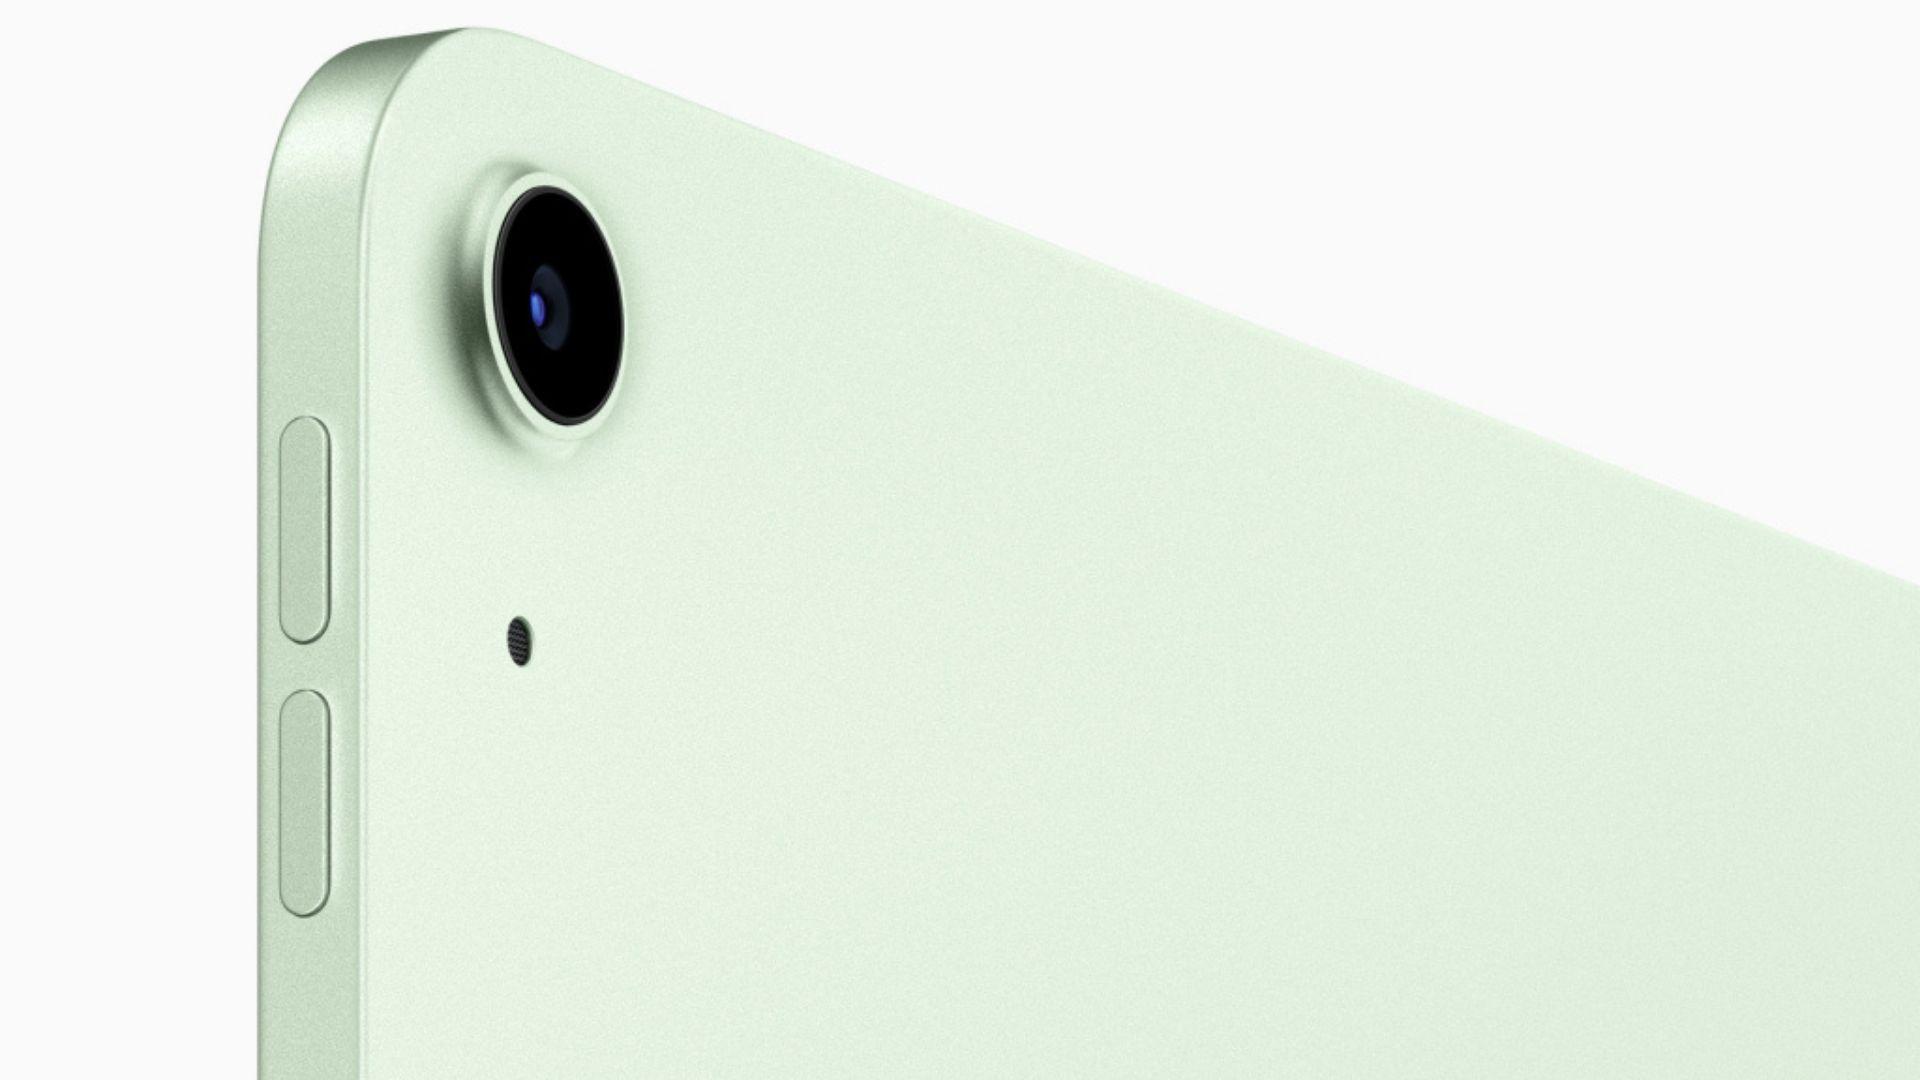 iPad Air 4 conta com uma câmera de 12 MP e grava vídeos em 4K. (Imagem: Divulgação/Apple)